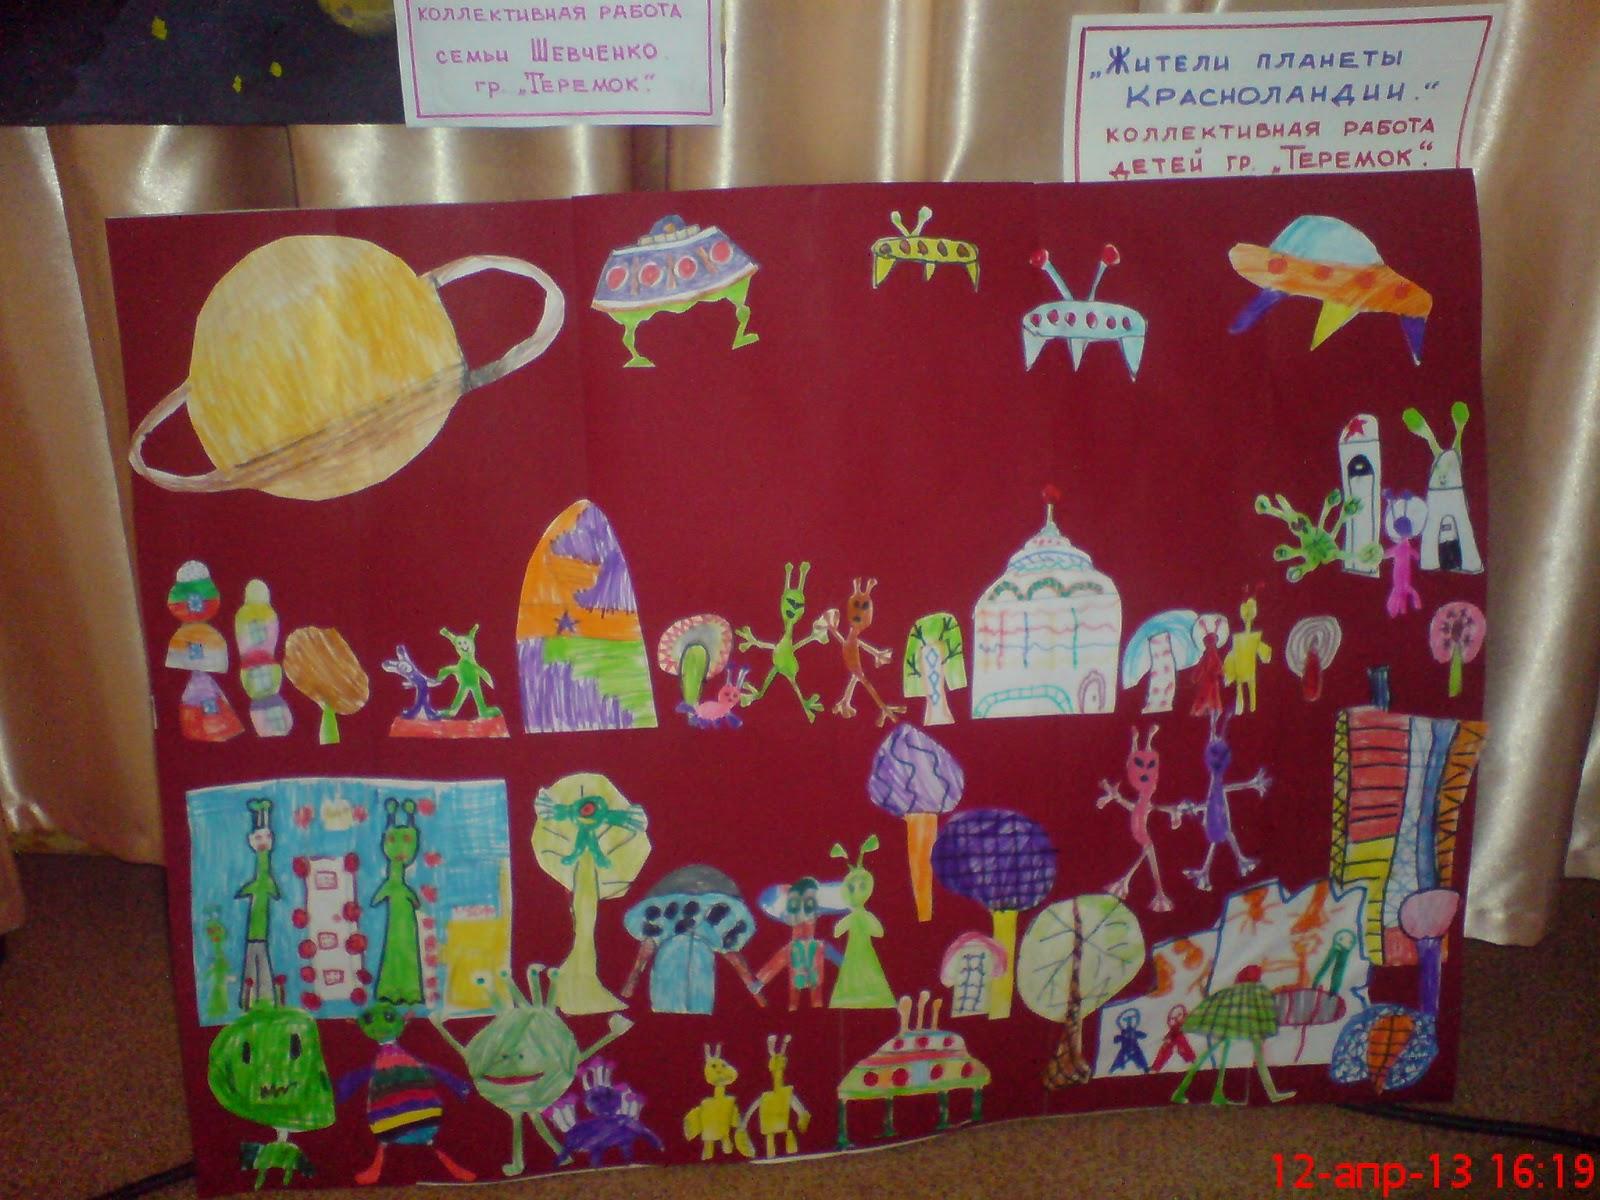 Оформление творческих работ детей в детском саду своими руками